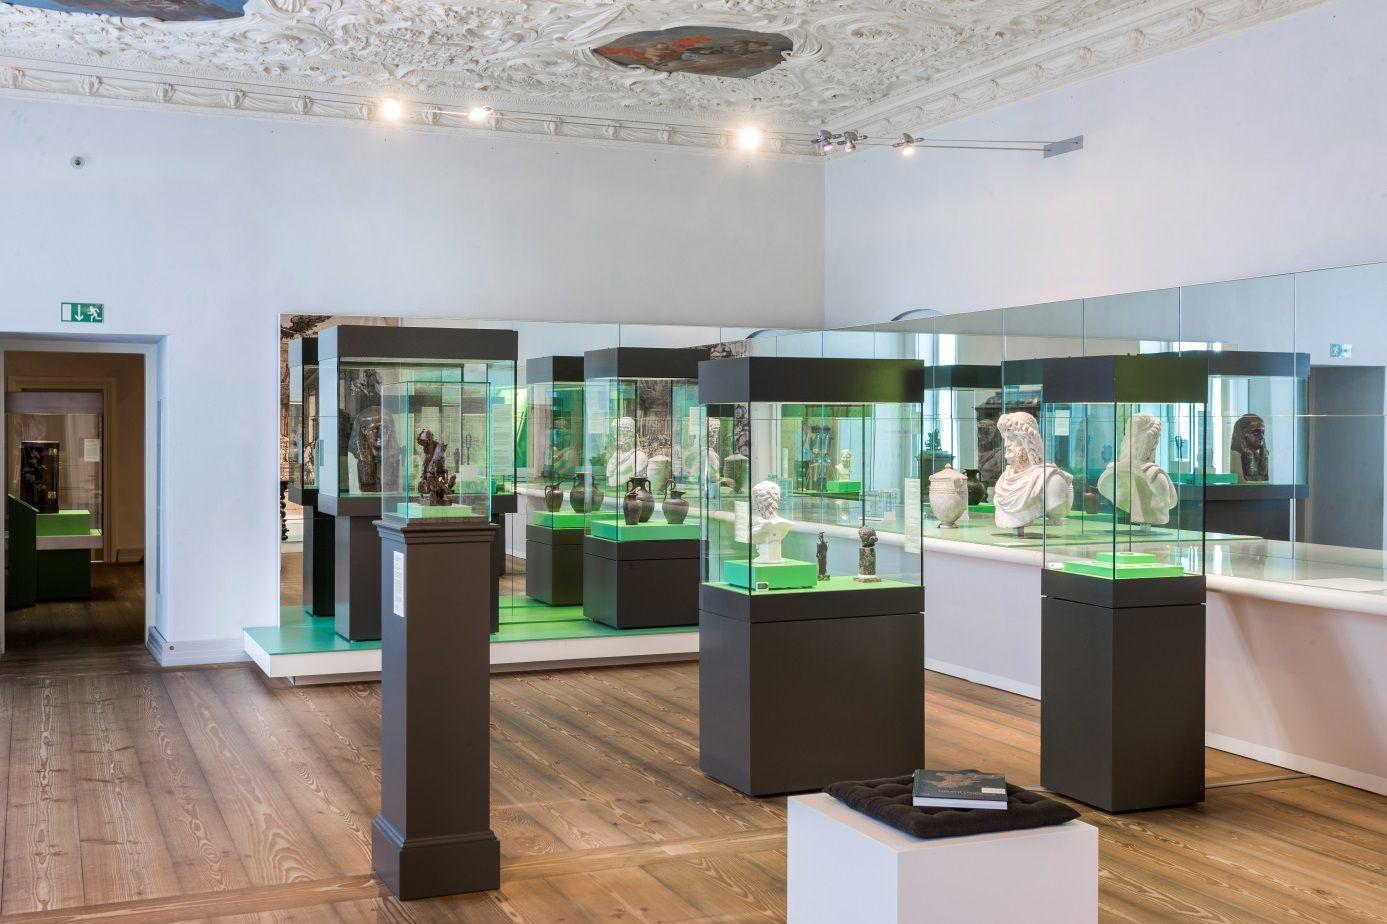 Blick in die Ausstellung © Kunstgewerbemuseum SMB; Foto: Achim Stiegel, Bearbeitung Stephan Klonk